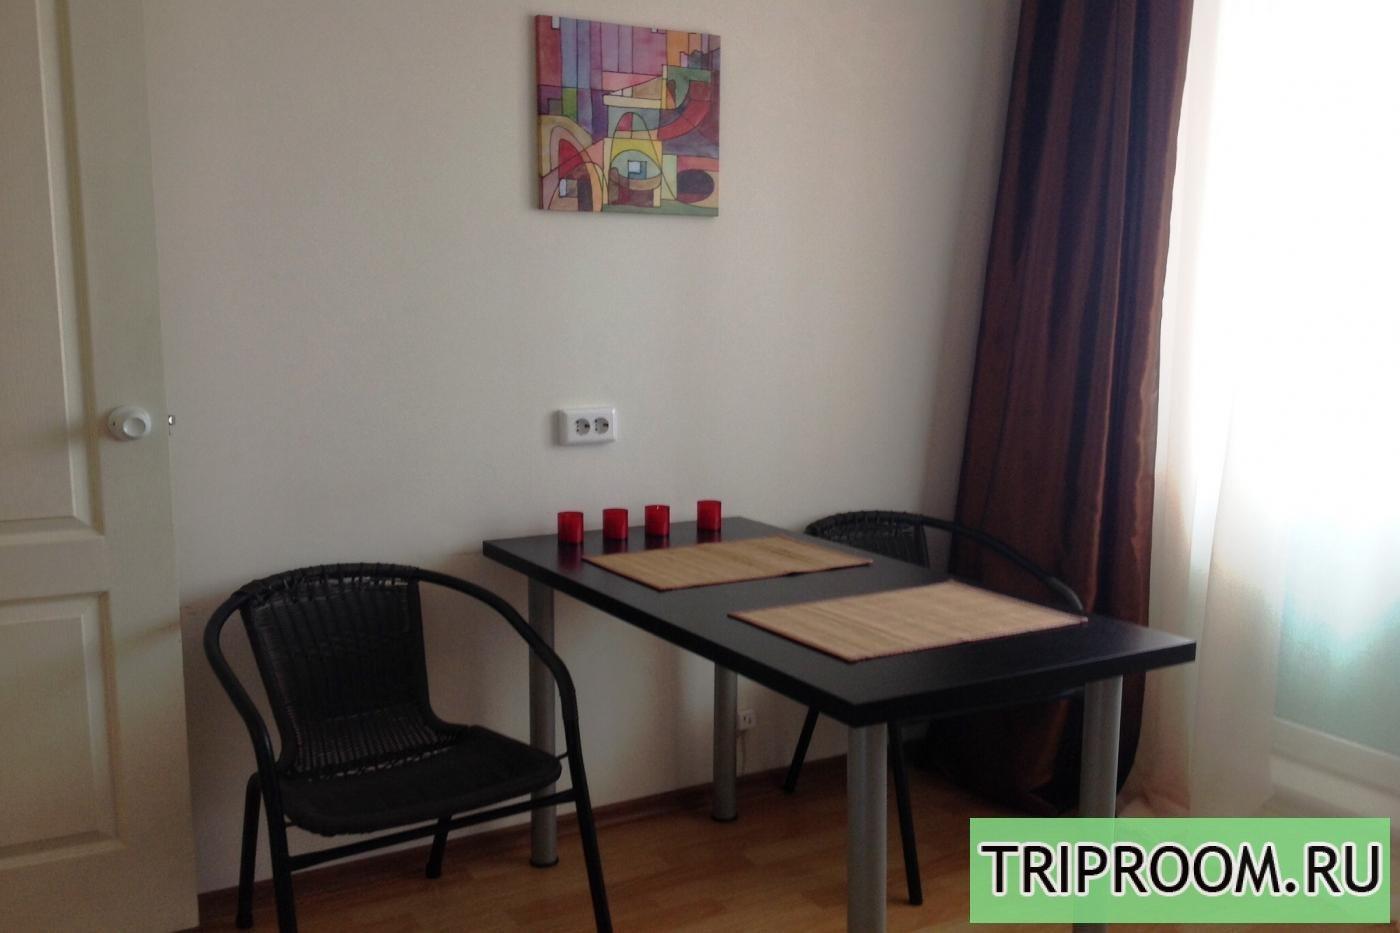 1-комнатная квартира посуточно (вариант № 7419), ул. Черкасская улица, фото № 1